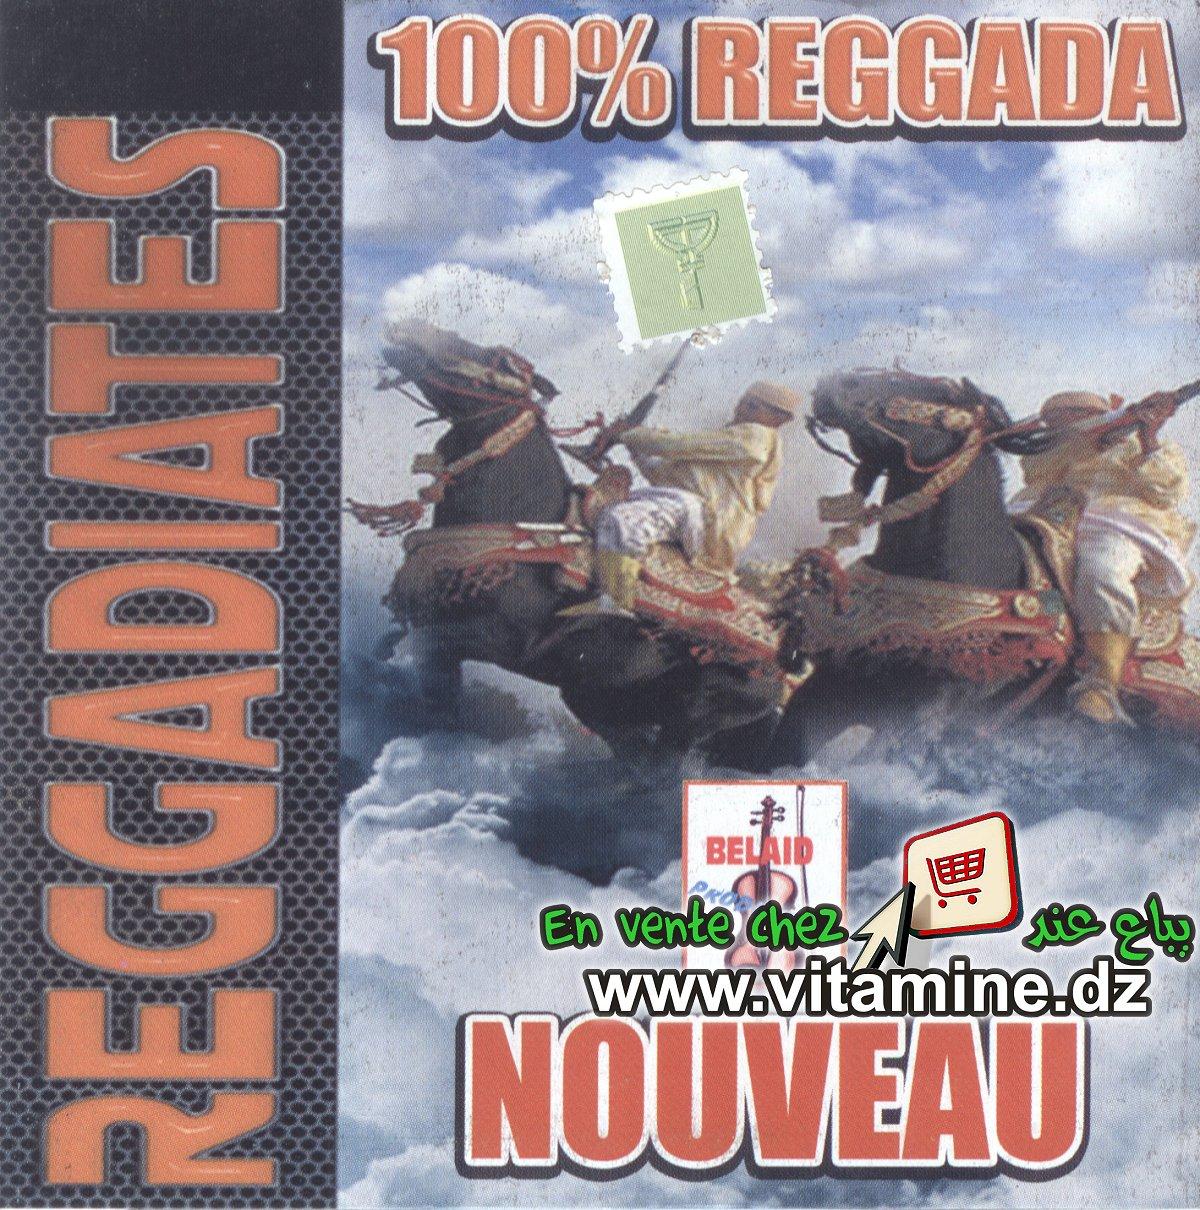 100% Reggada - compilation